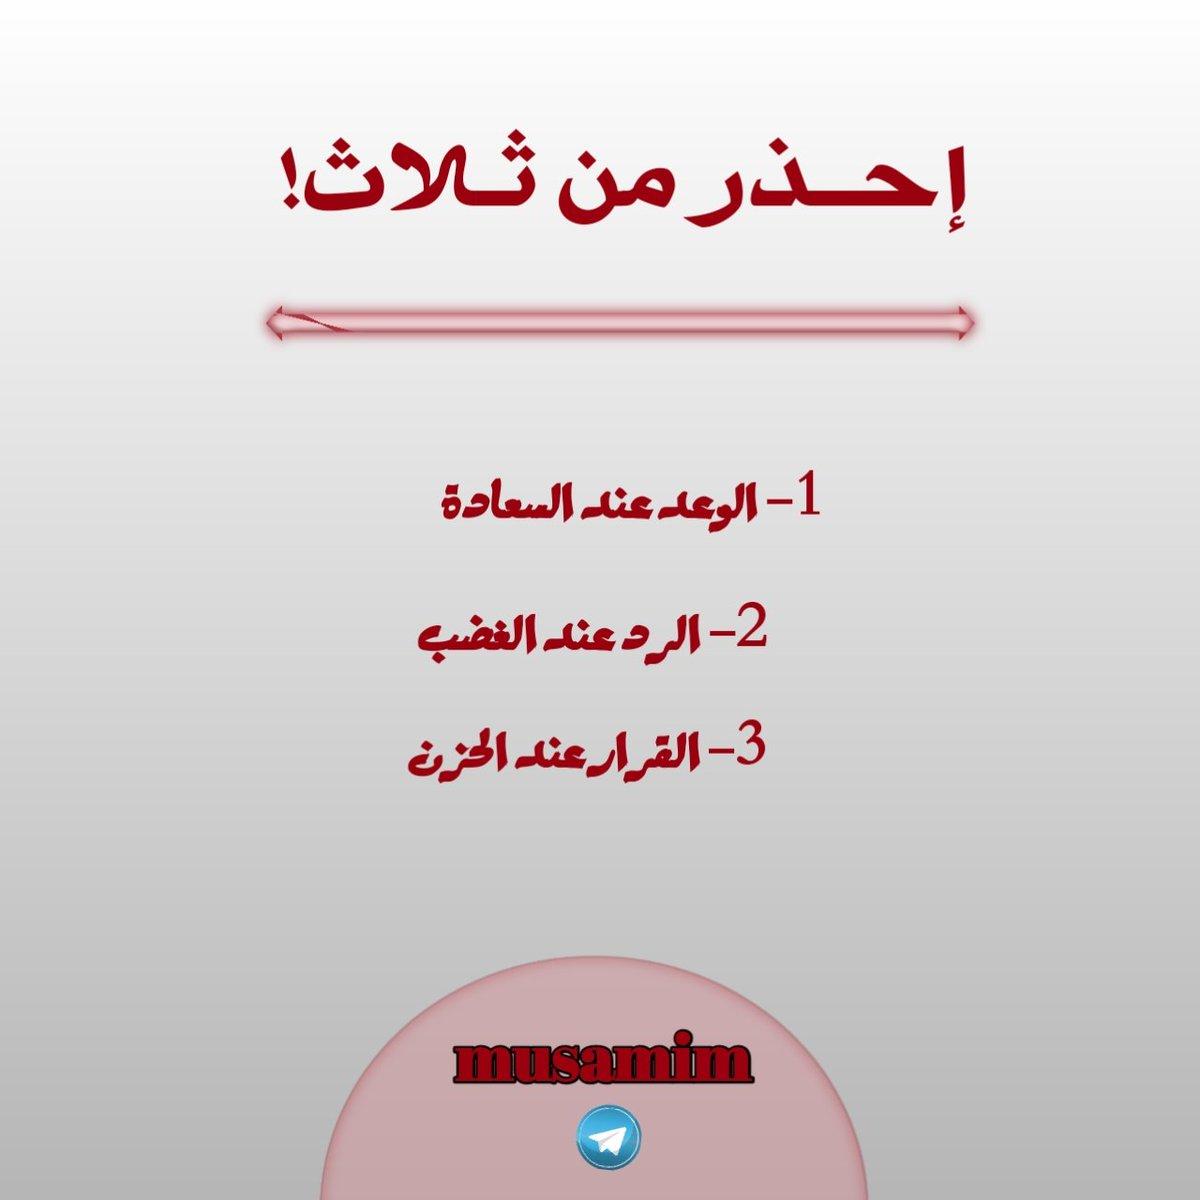 عبارات تحفيزية On Twitter إحــذر من ثـلاث 1 الوعد عند السعادة 2 الرد عند الغضب 3 القرار عند الحزن